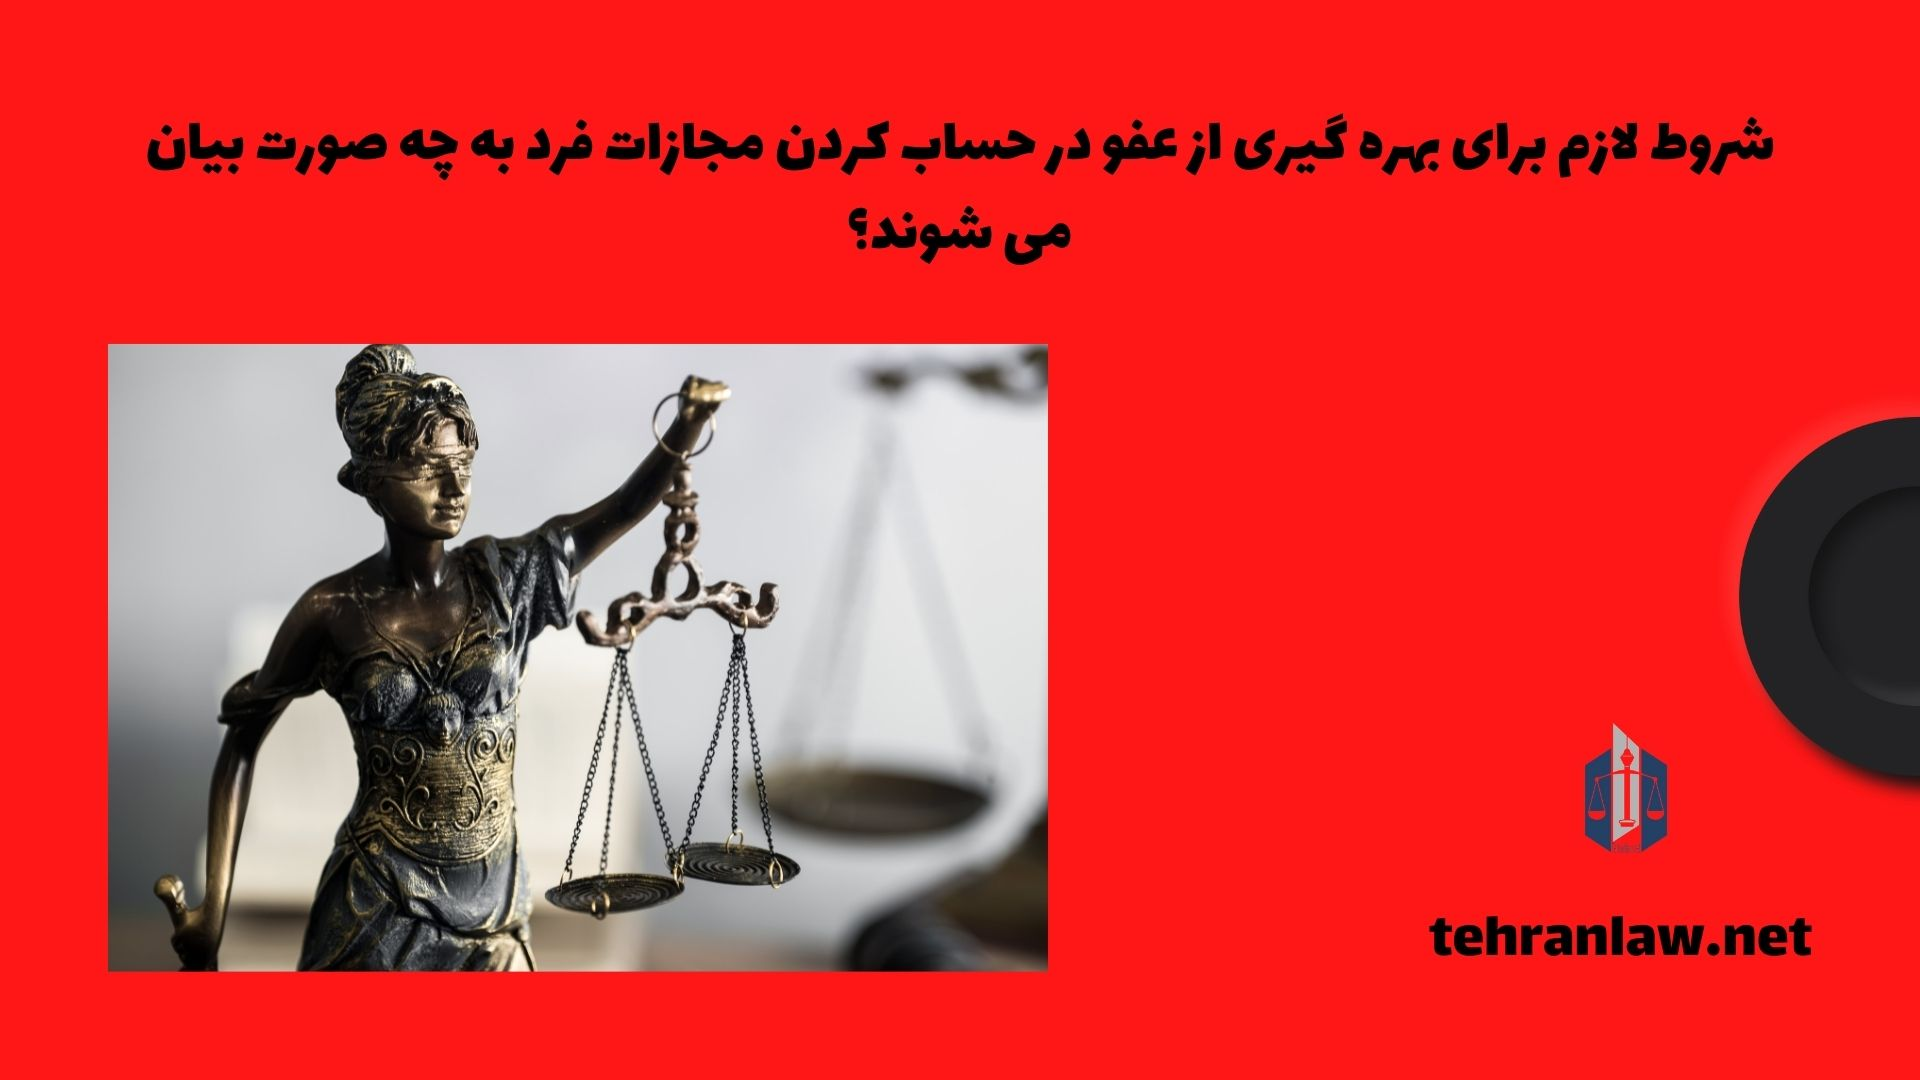 شروط لازم برای بهره گیری از عفو در حساب کردن مجازات فرد به چه صورت بیان می شوند؟